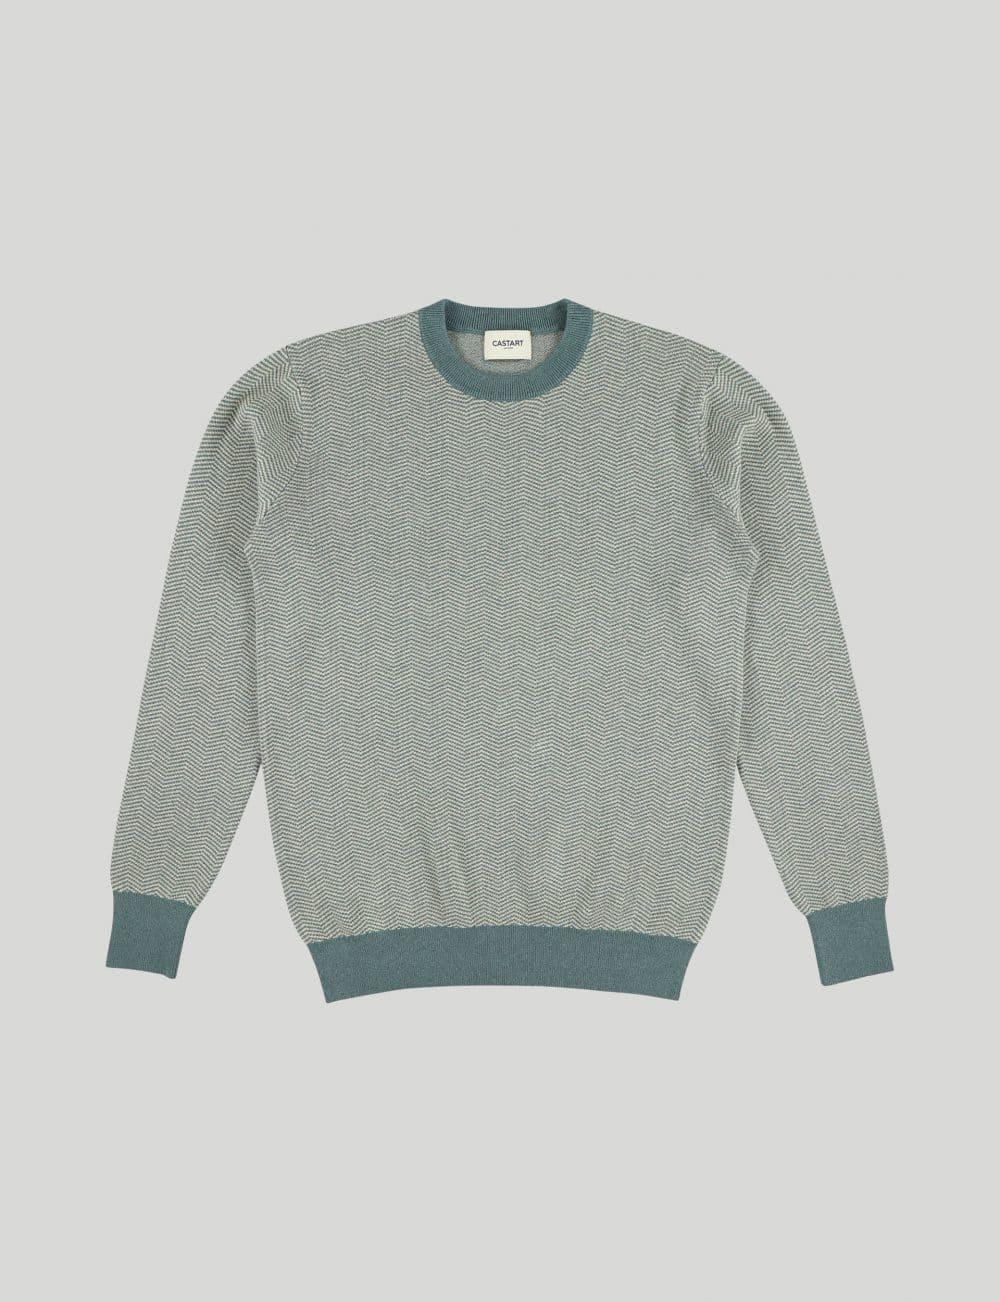 Castart - knitwear panda - Green